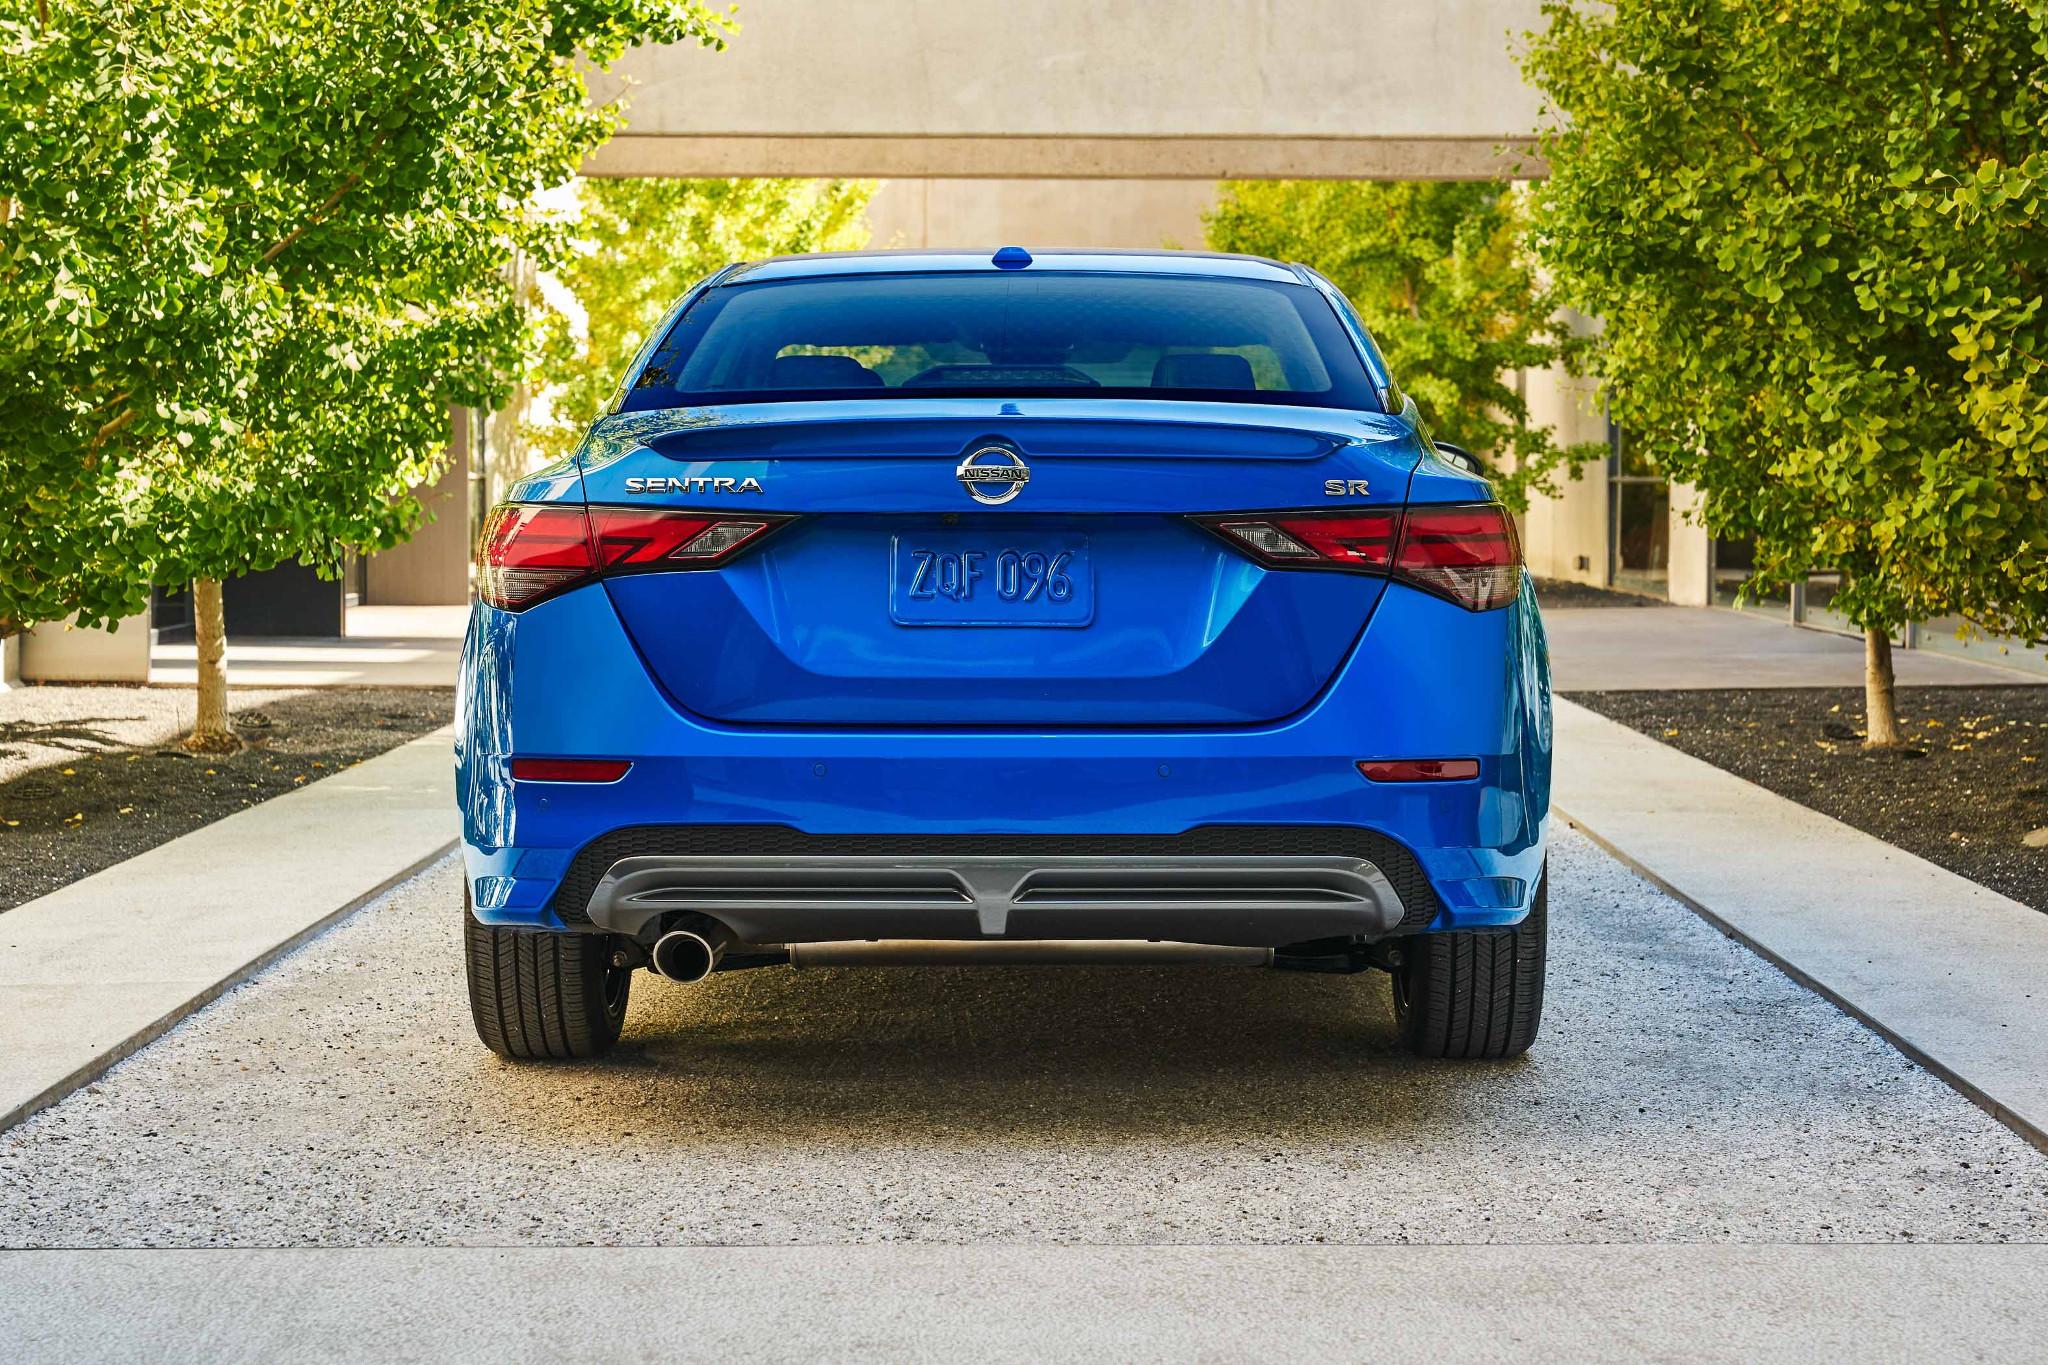 nissan-sentra-2020-05-blue--exterior--rear.jpg